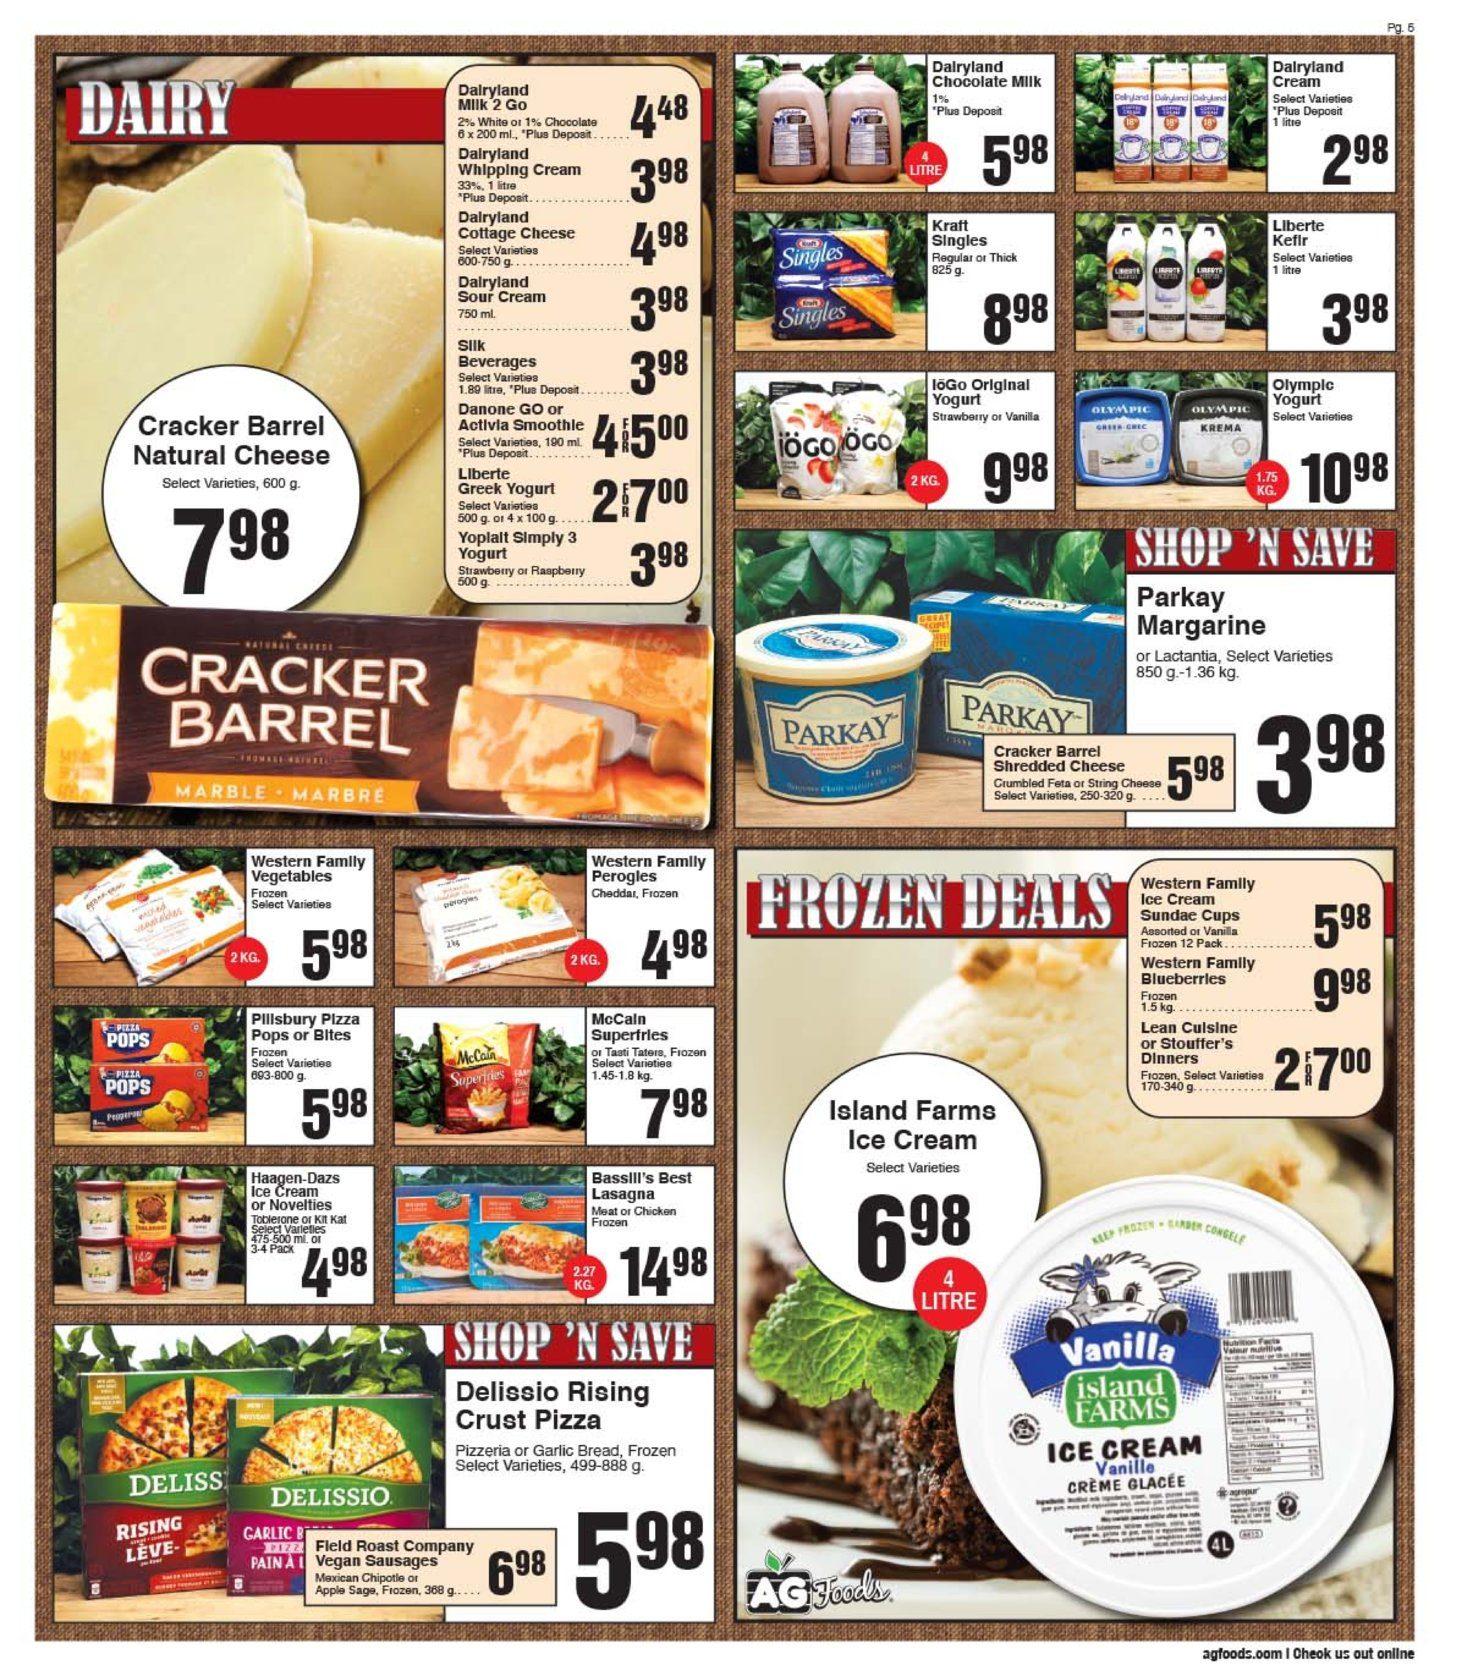 AG Foods - 2 Weeks of Savings - Page 5